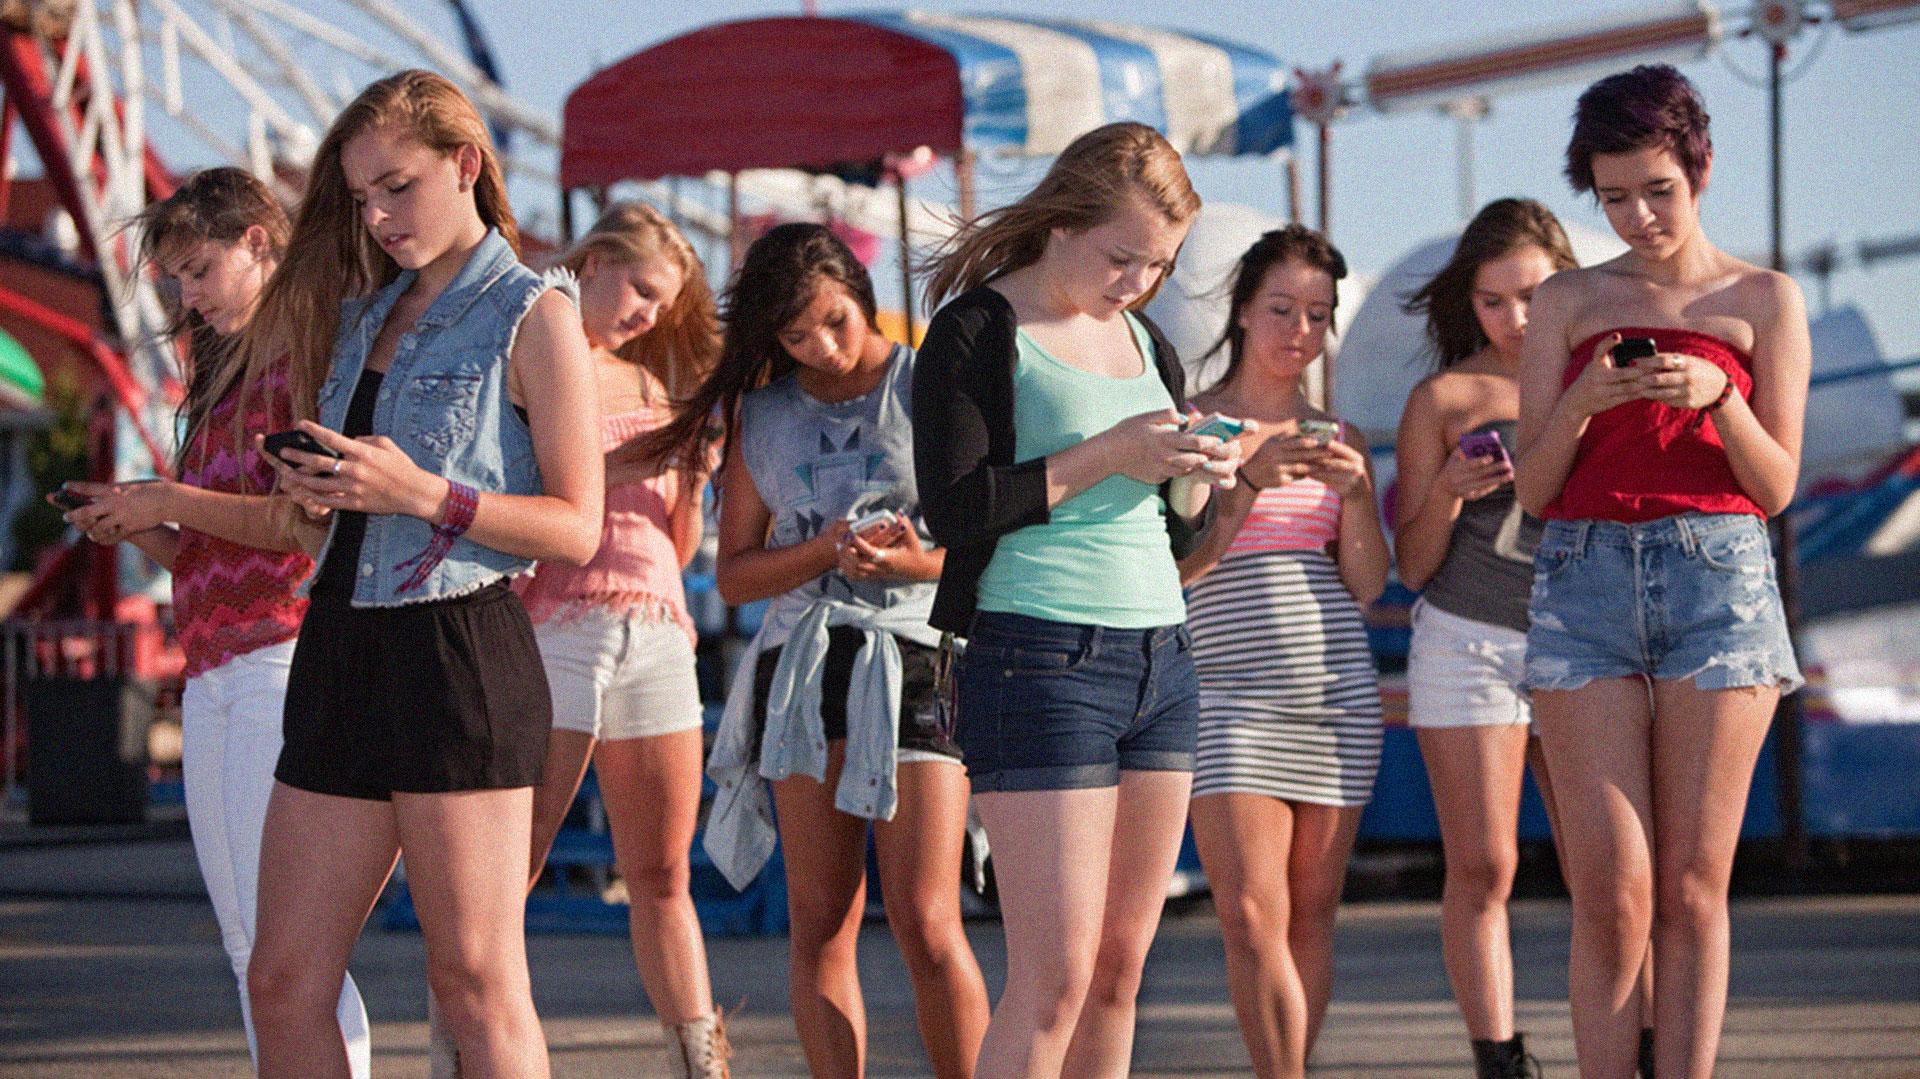 Están los adolescentes enganchados al 'sexting'? – Yorokobu